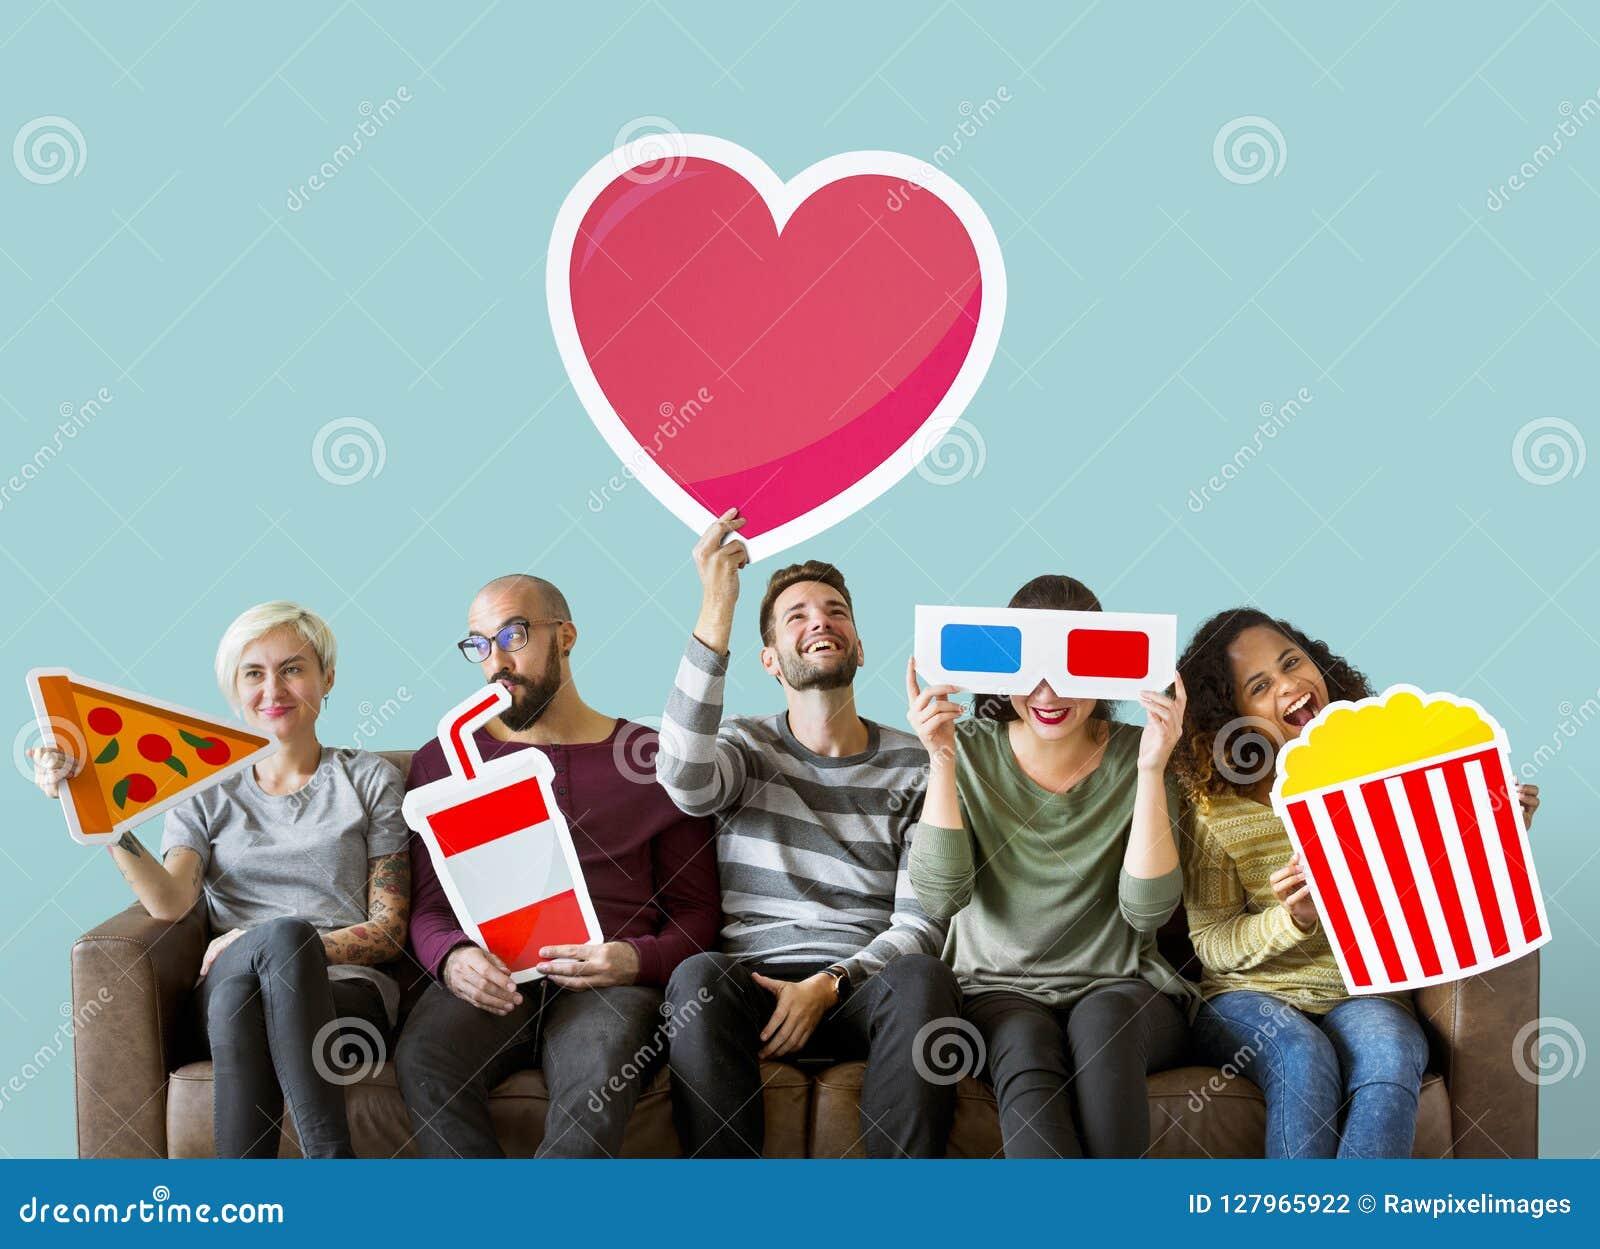 Grupo de amigos diversos que guardam emoticons do filme